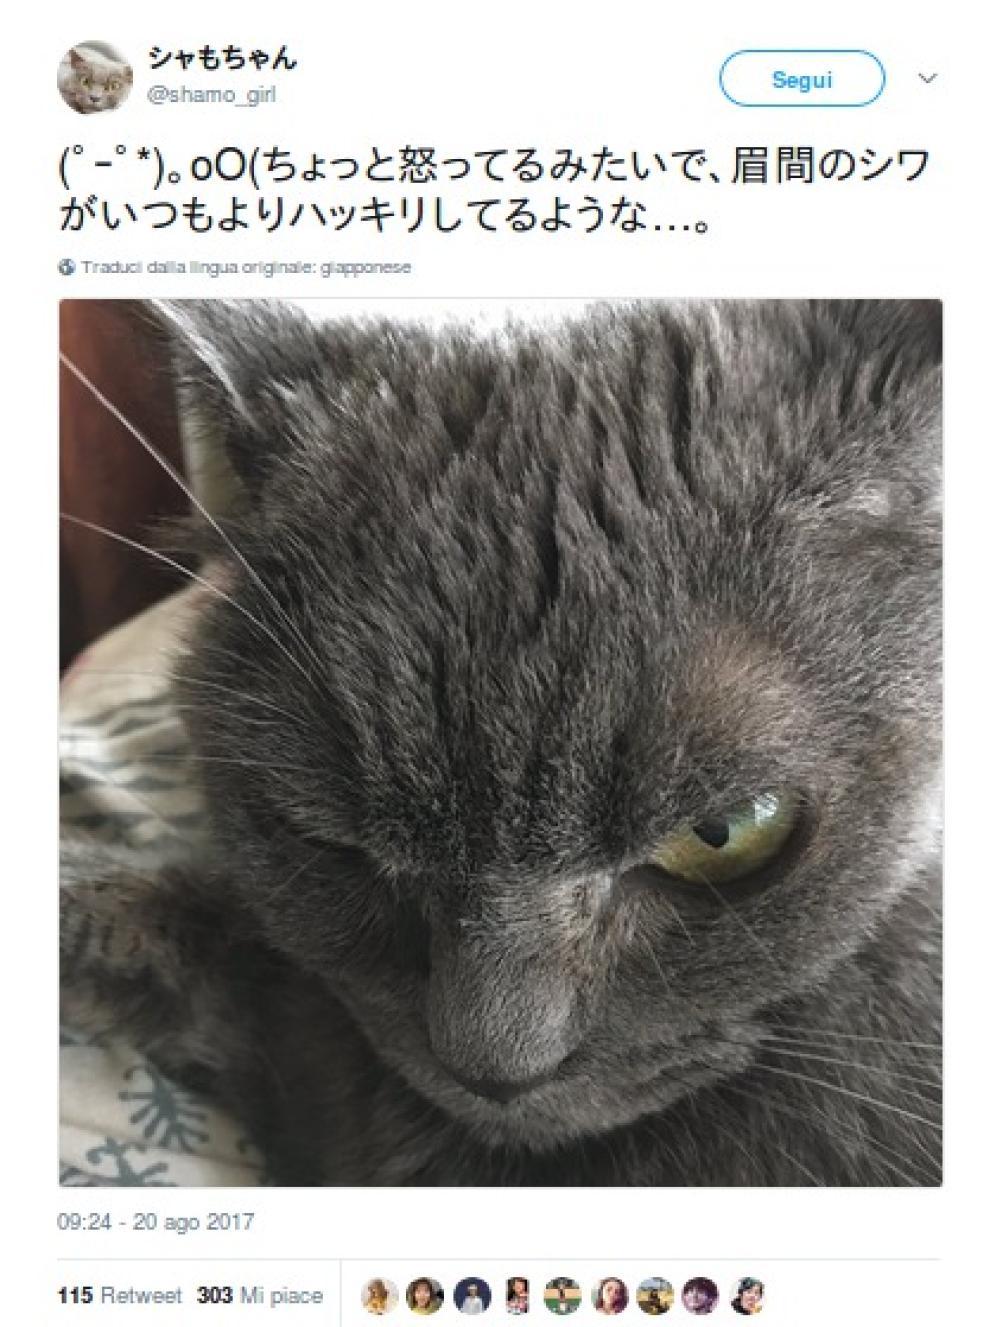 Vi Presentiamo Shamo Il Gatto Più Arrabbiato Del Mondo Foto 1 Di